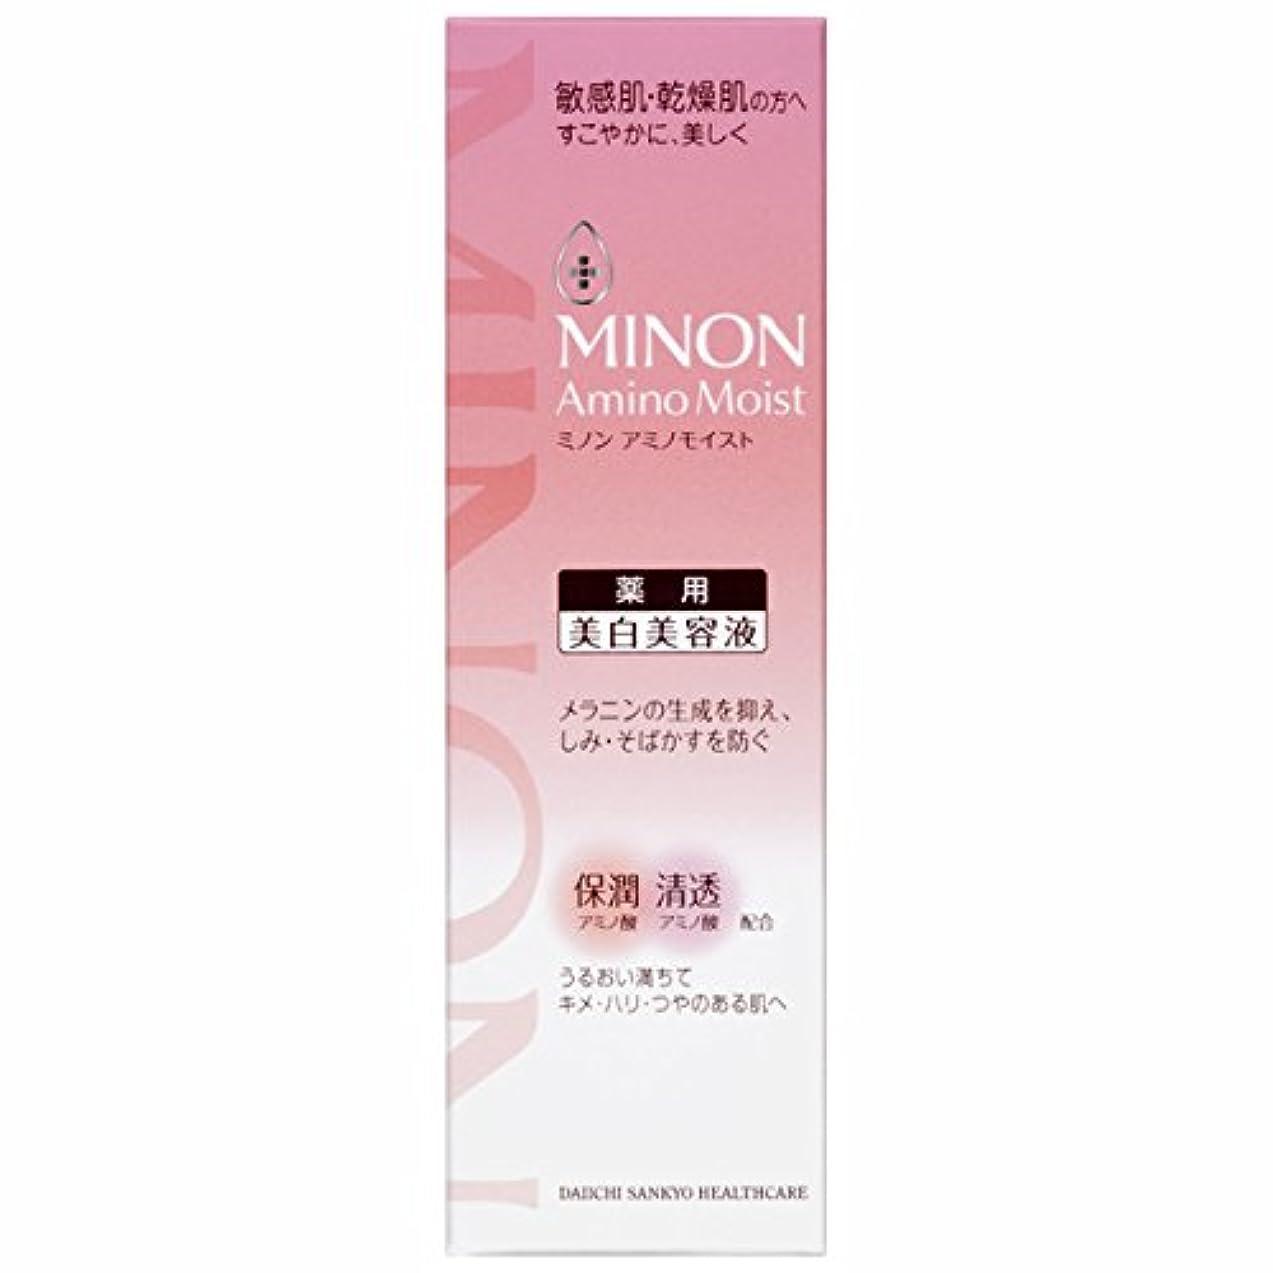 拡声器感謝祭甘やかすミノン アミノモイスト 薬用マイルド ホワイトニング 30g (医薬部外品)